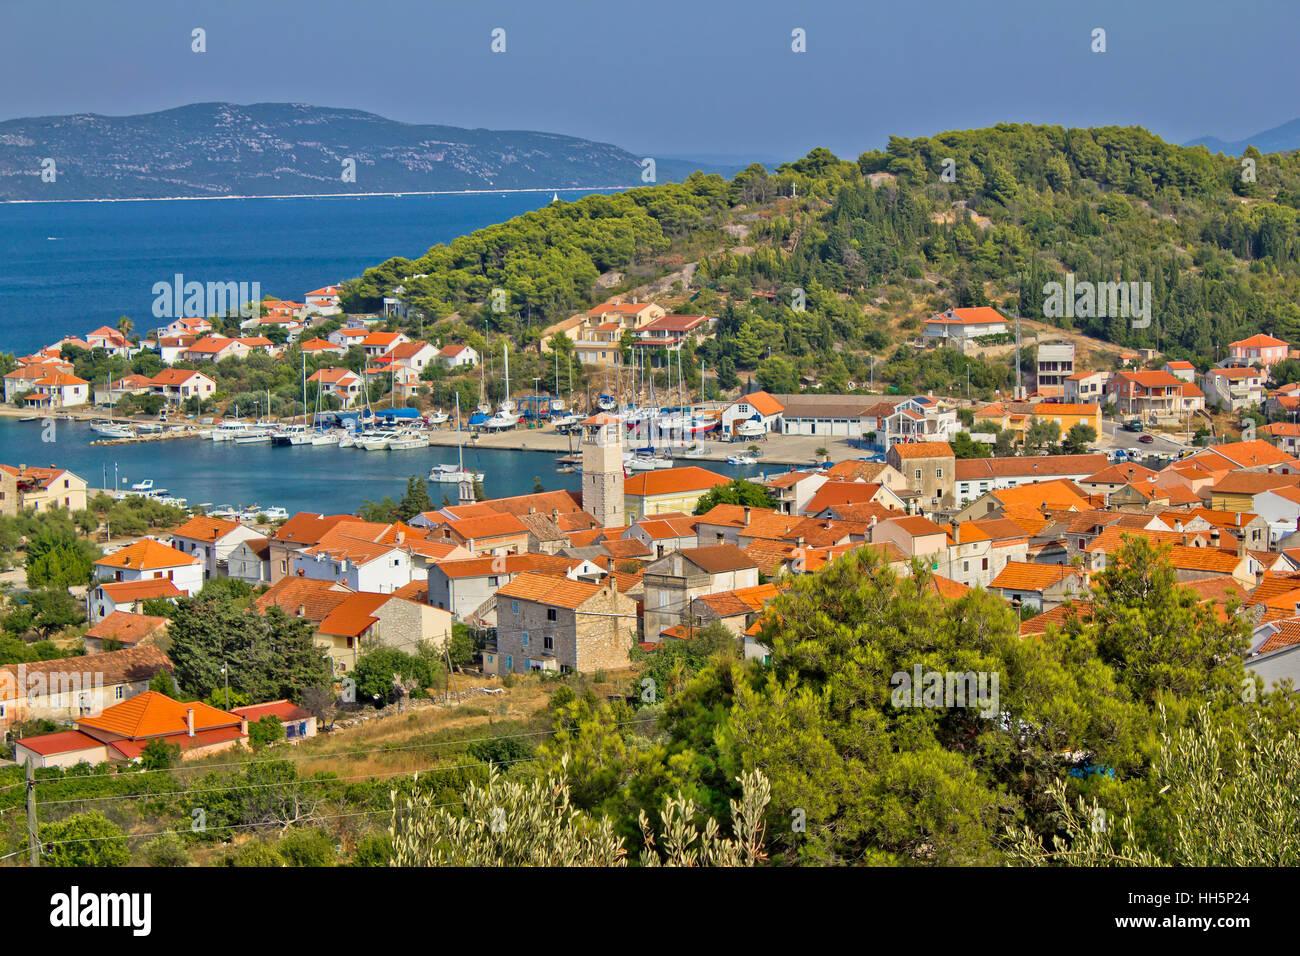 Adriatic coast - Veli Iz island, Dalmatia, Croatia - Stock Image